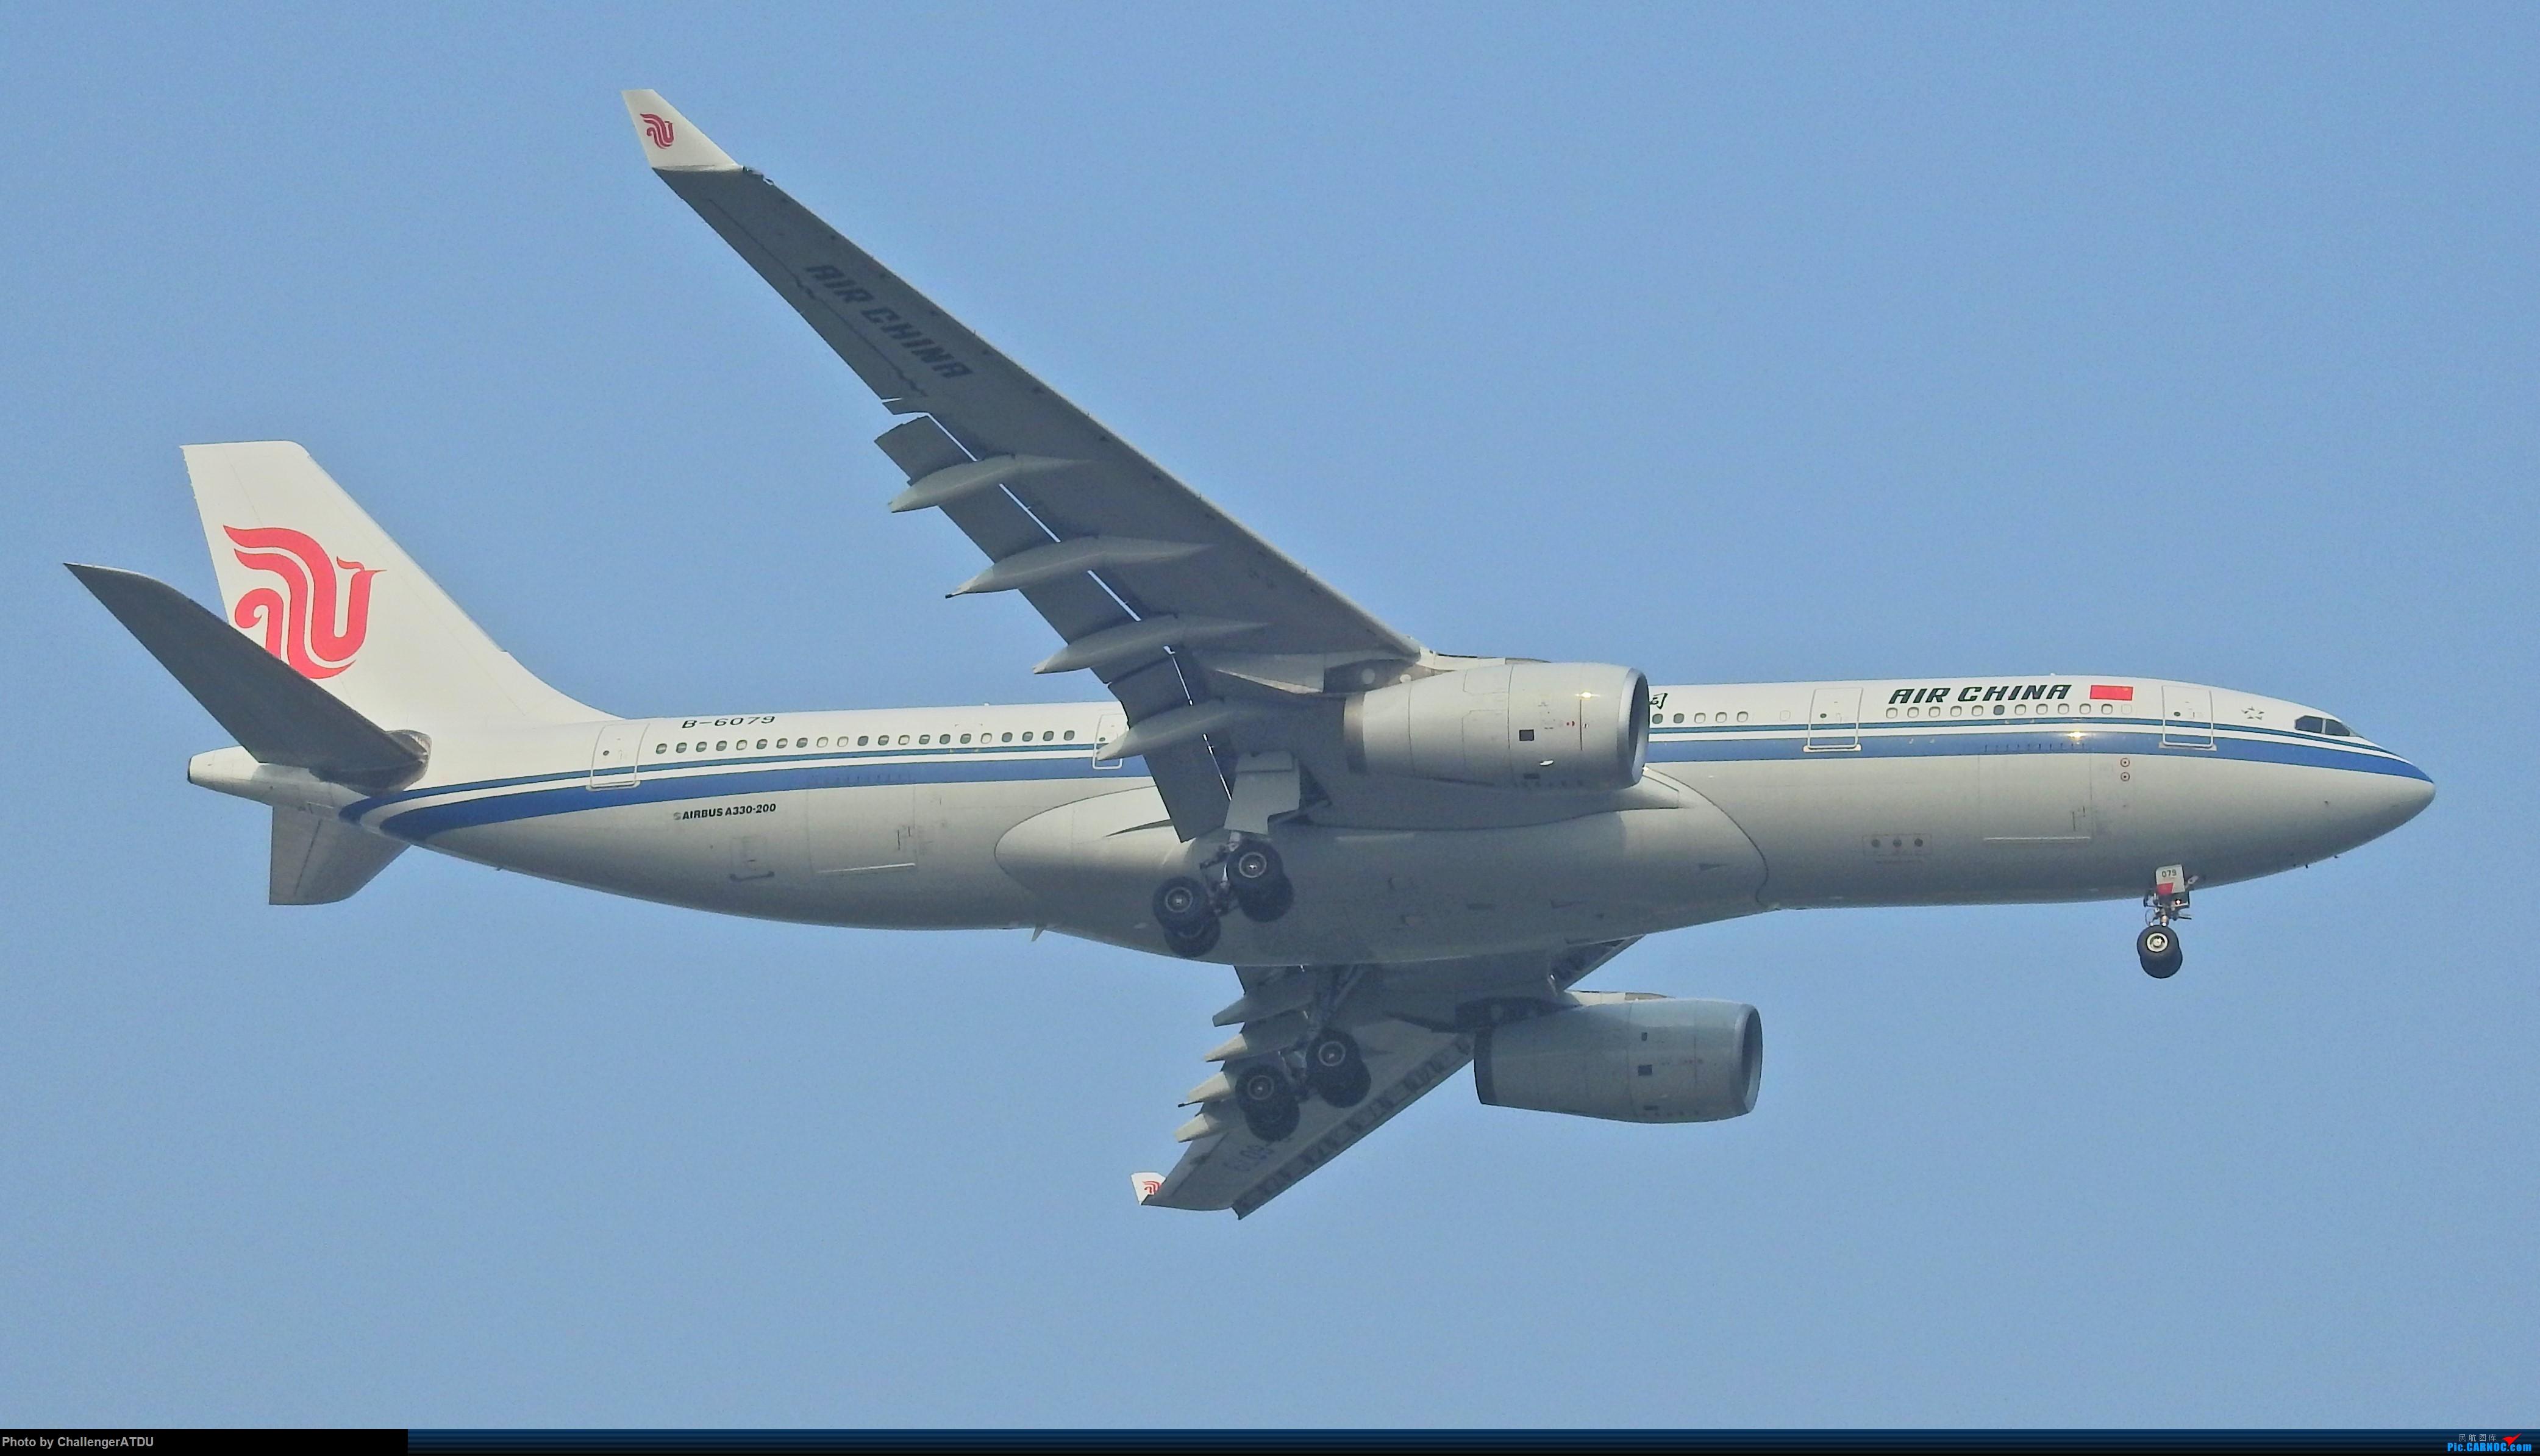 [原创]2020-5-30 萌新のPEK之旅 AIRBUS A330-200 B-6079 北京首都国际机场